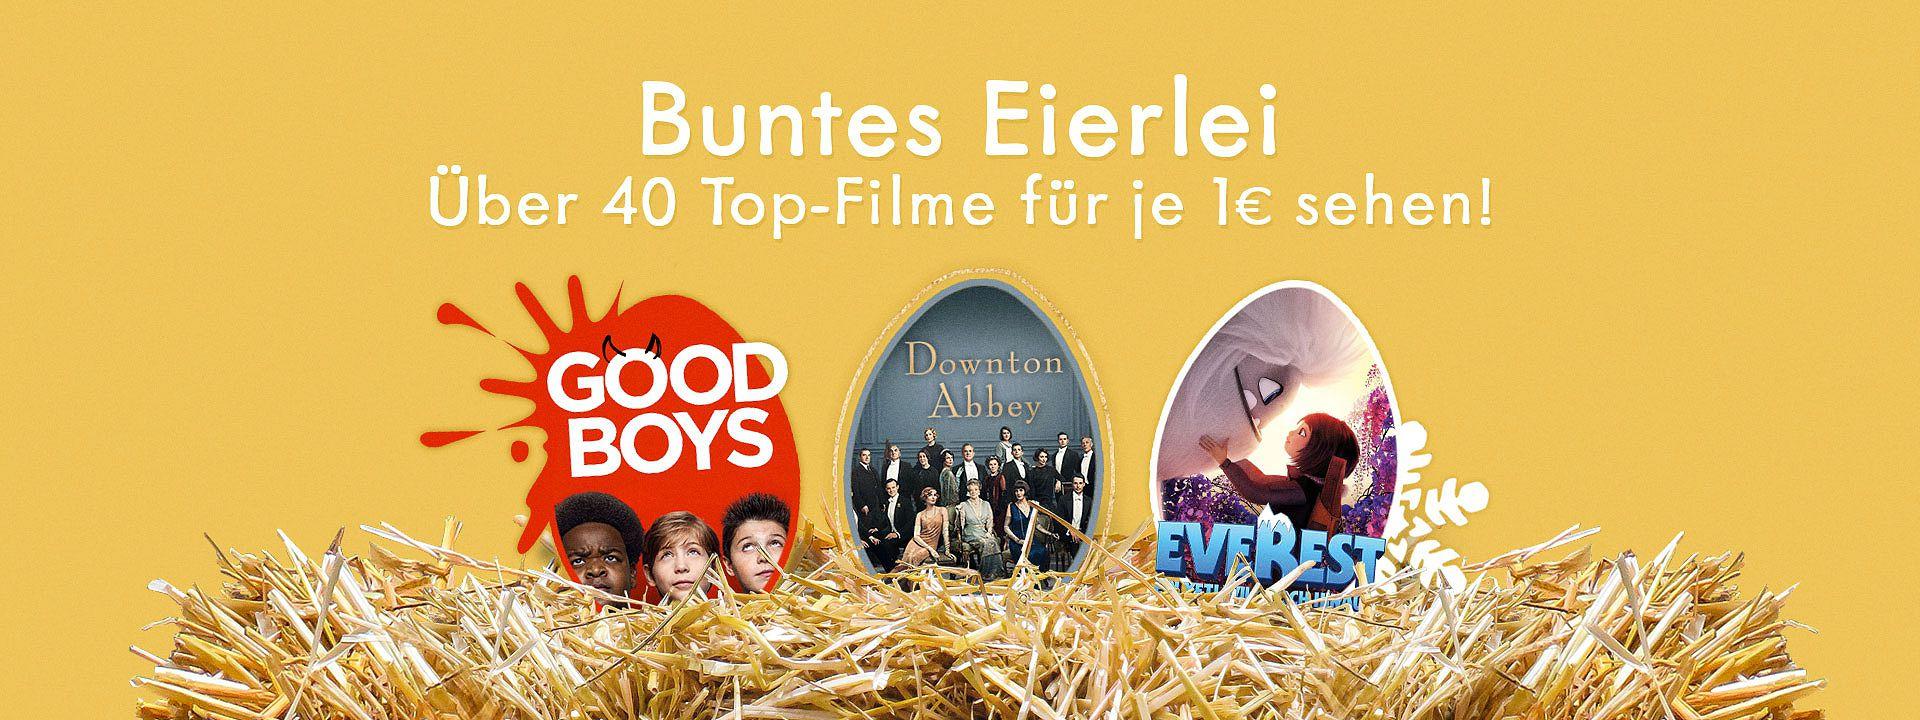 Videociety 40+ Familienfilme zum Streamen für je 1 € (Everest, Downton Abbey, Good Boys, Mister Link u.a) ||10 € Paydirekt Bonusguthaben